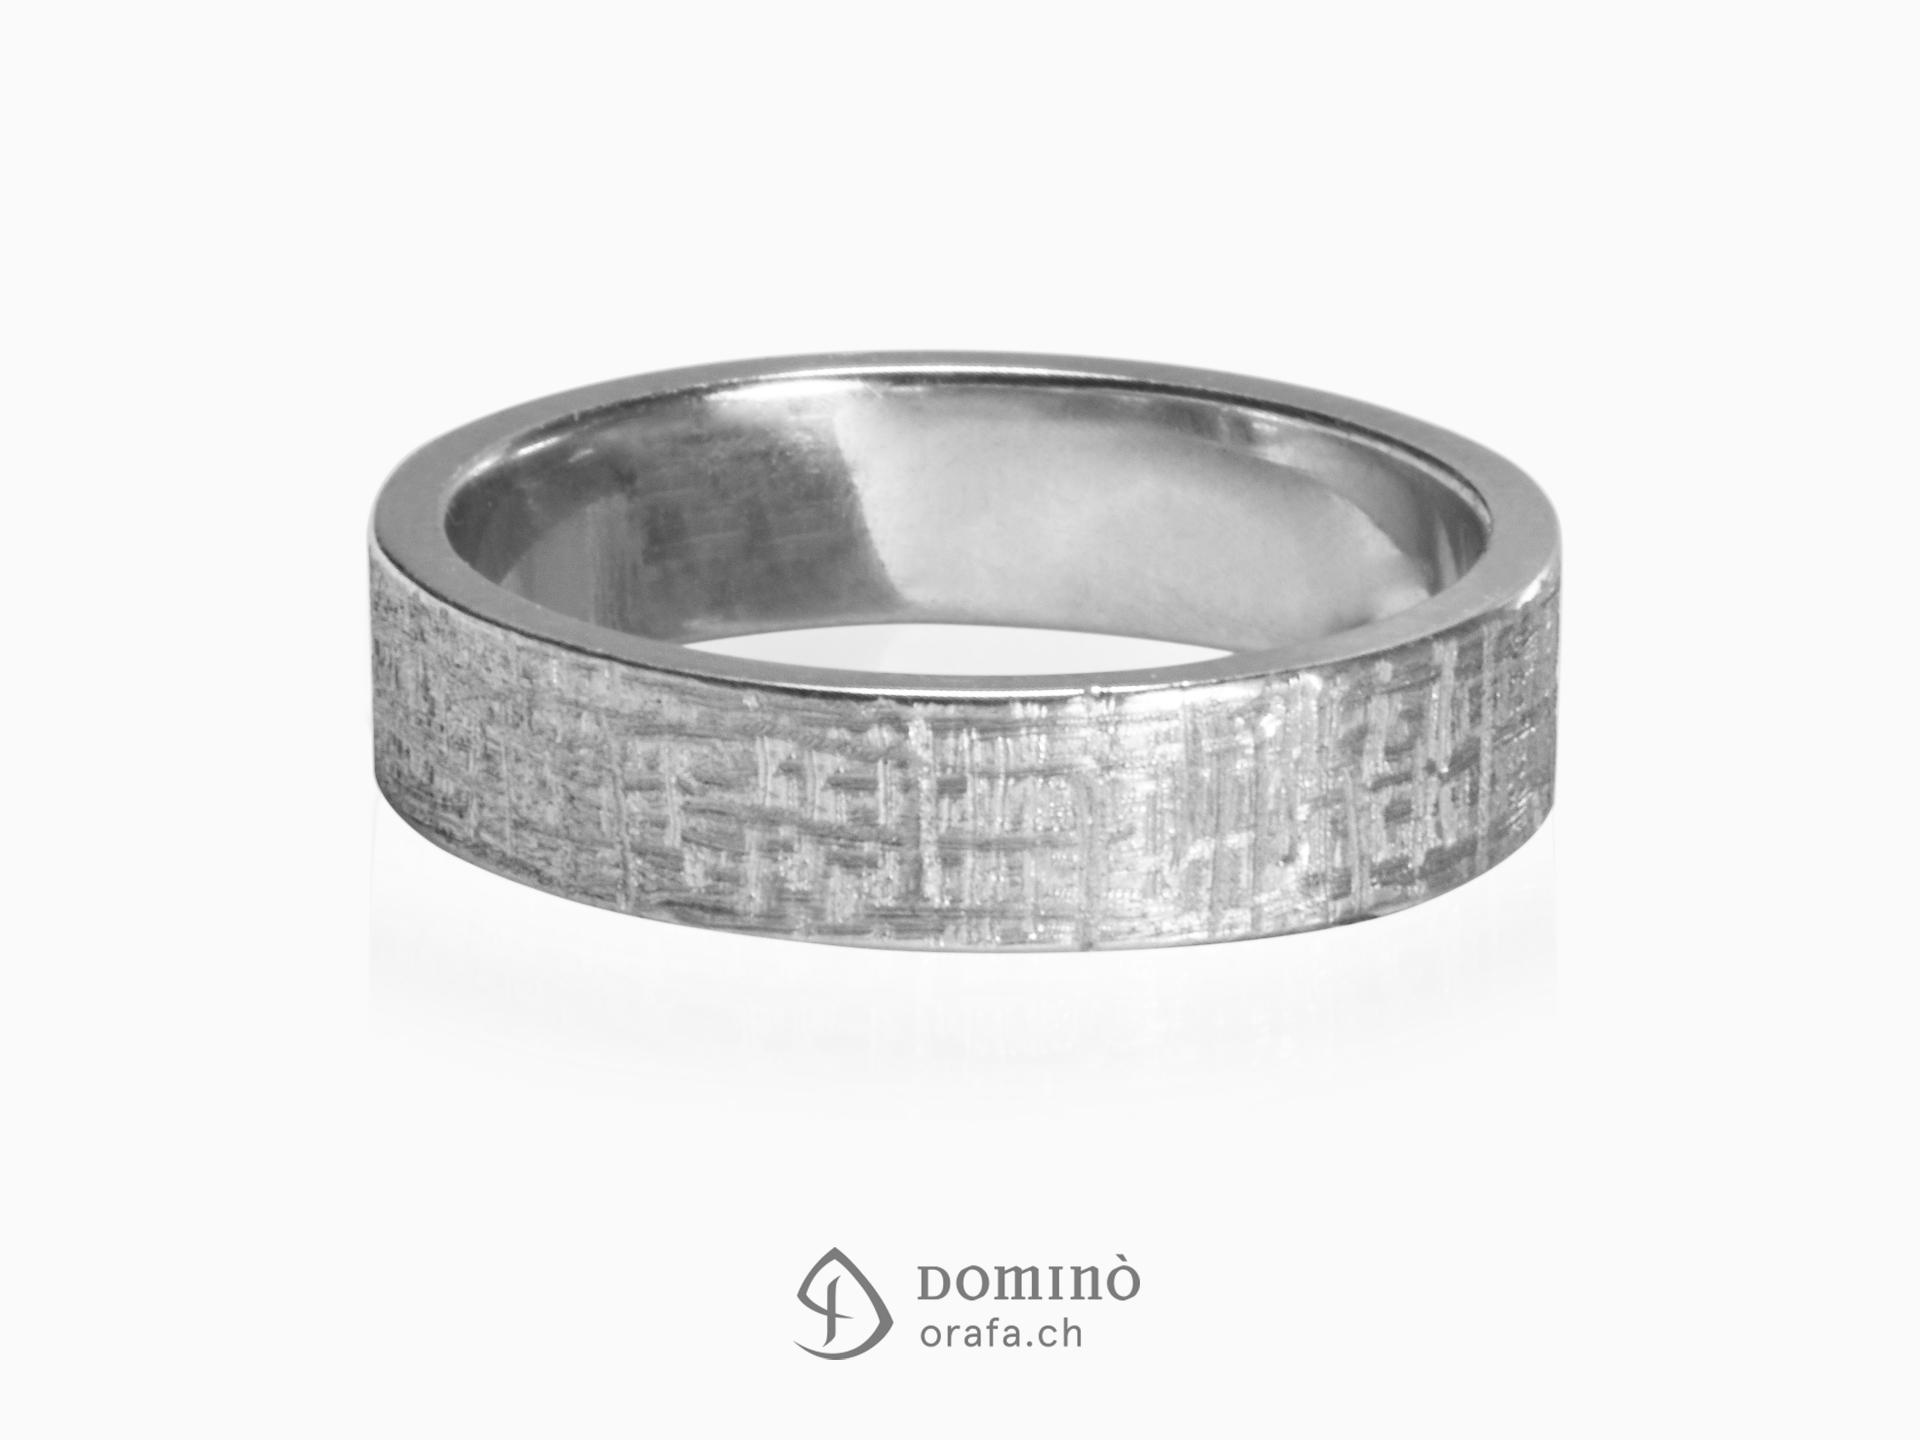 Quadro rings